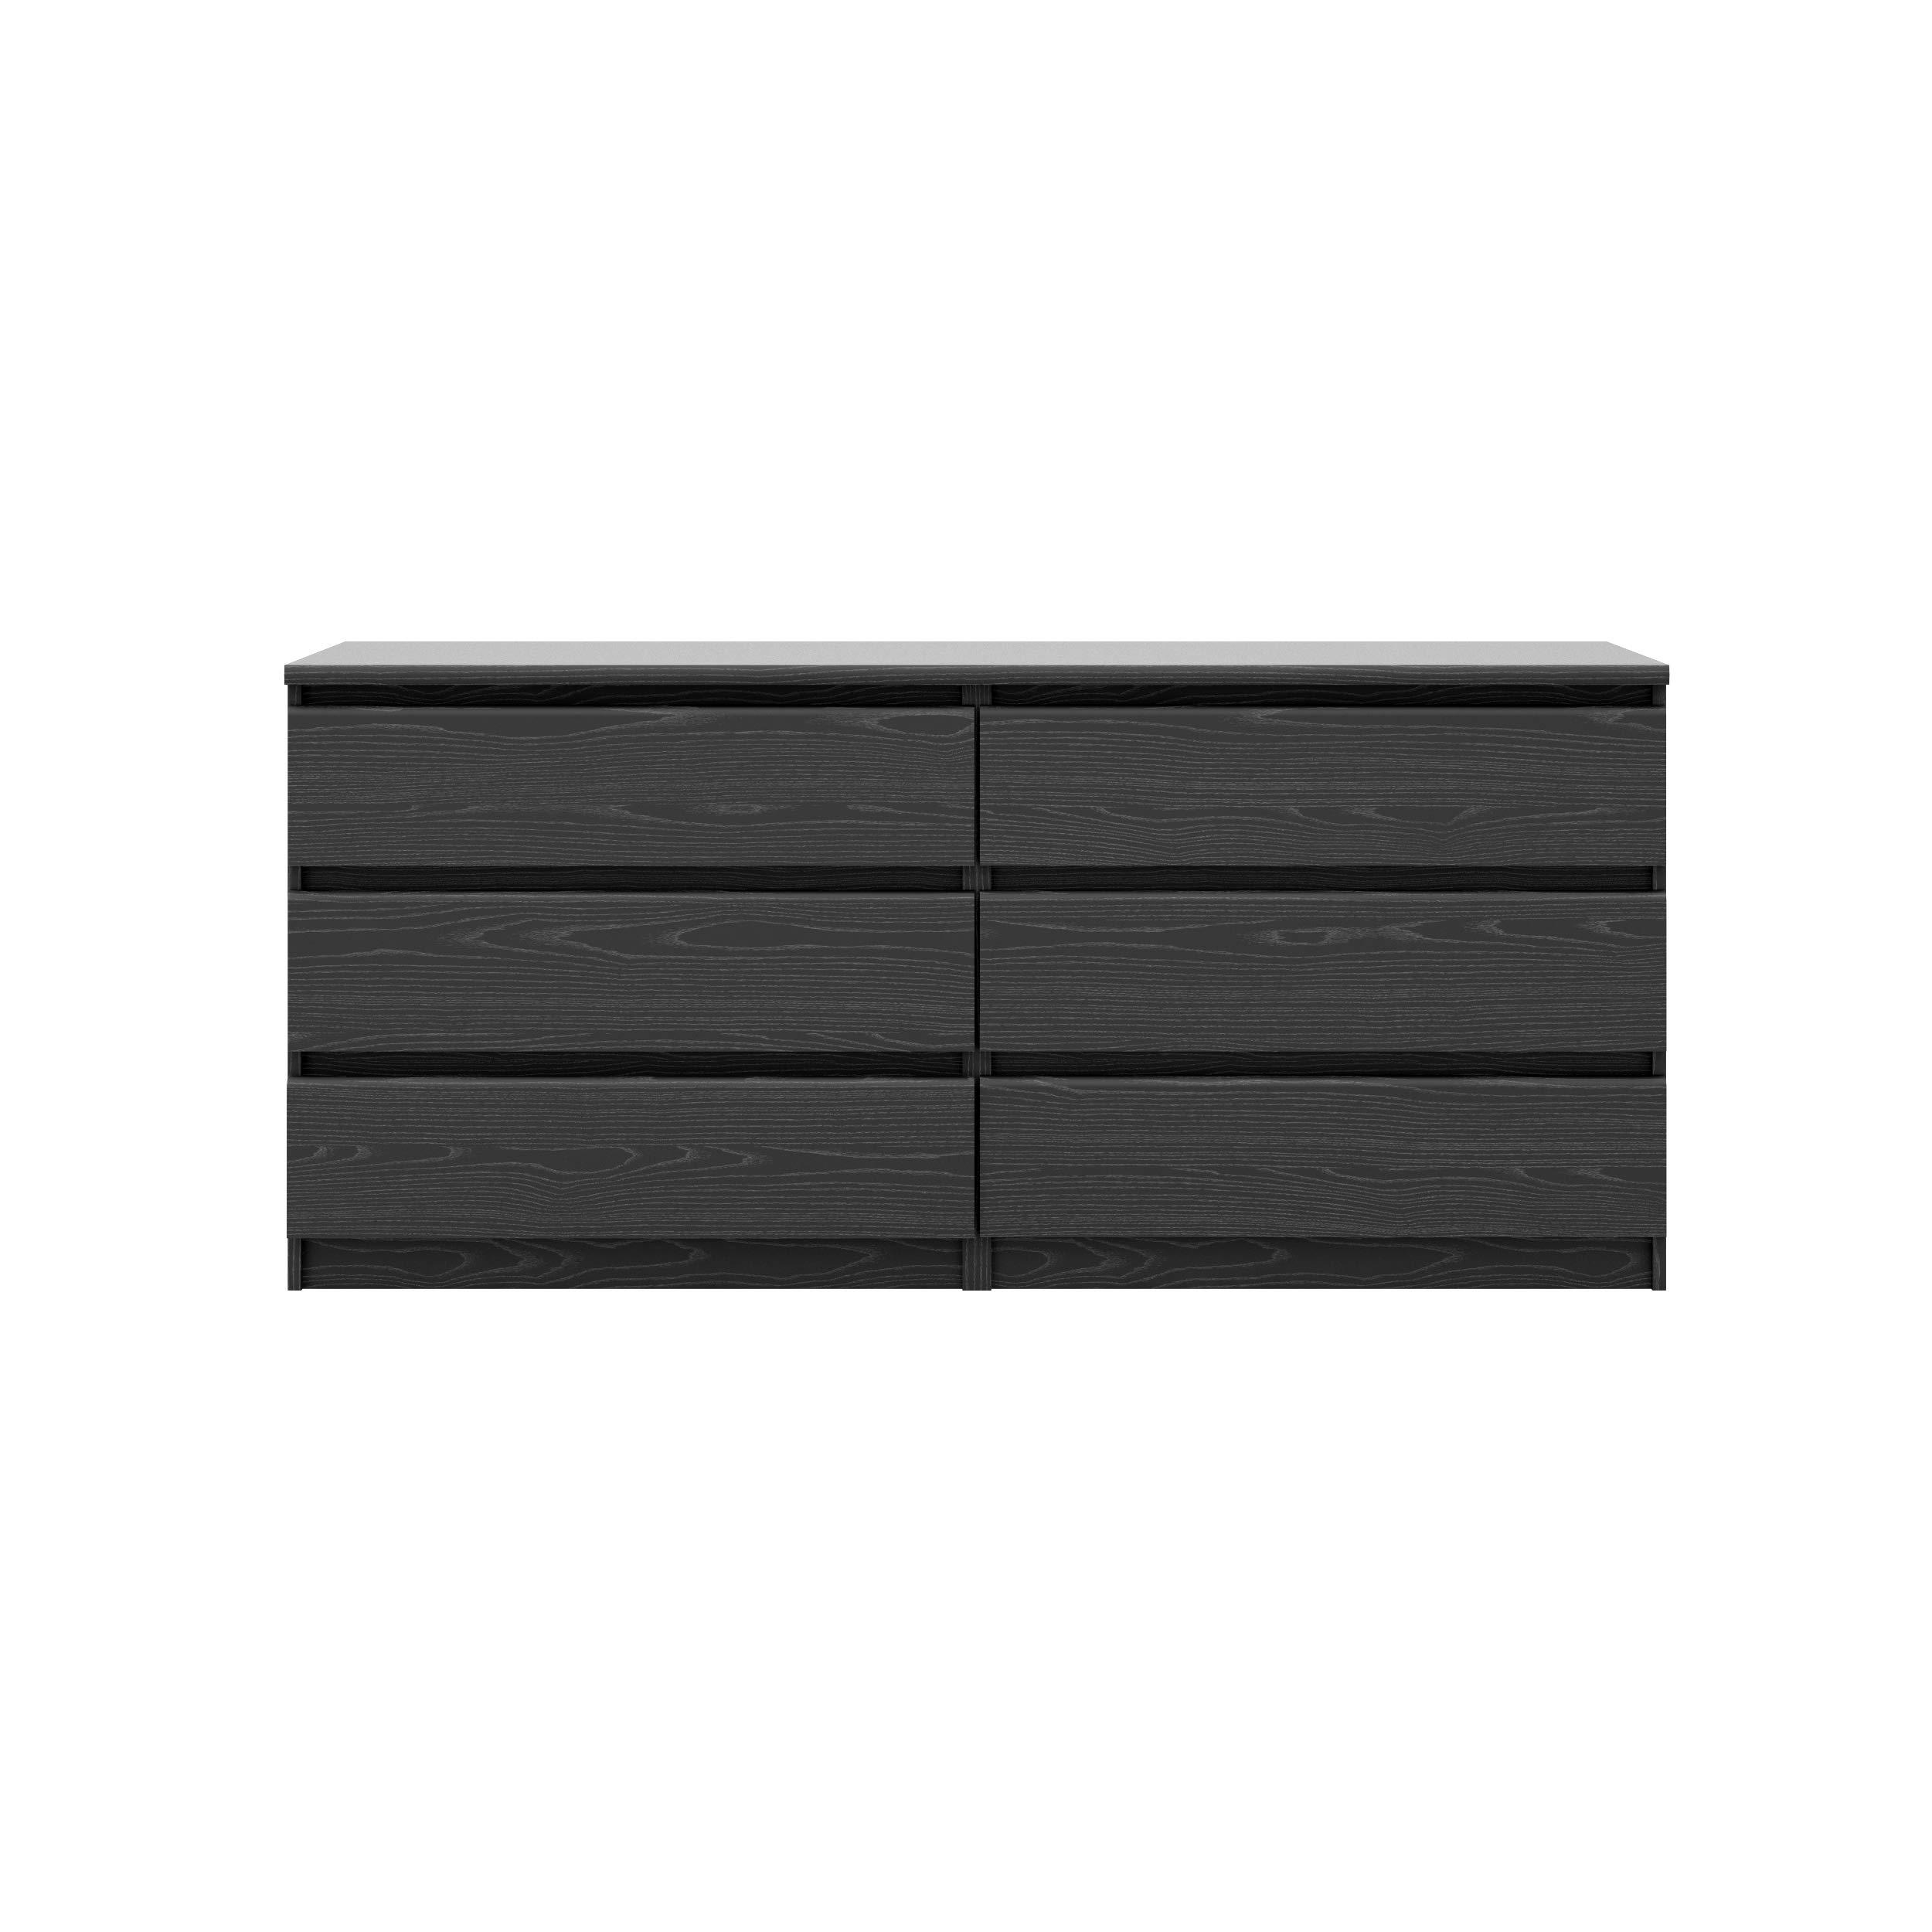 Tvilum Scottsdale 6 Drawer Double Dresser in Black Woodgrain by Tvilum